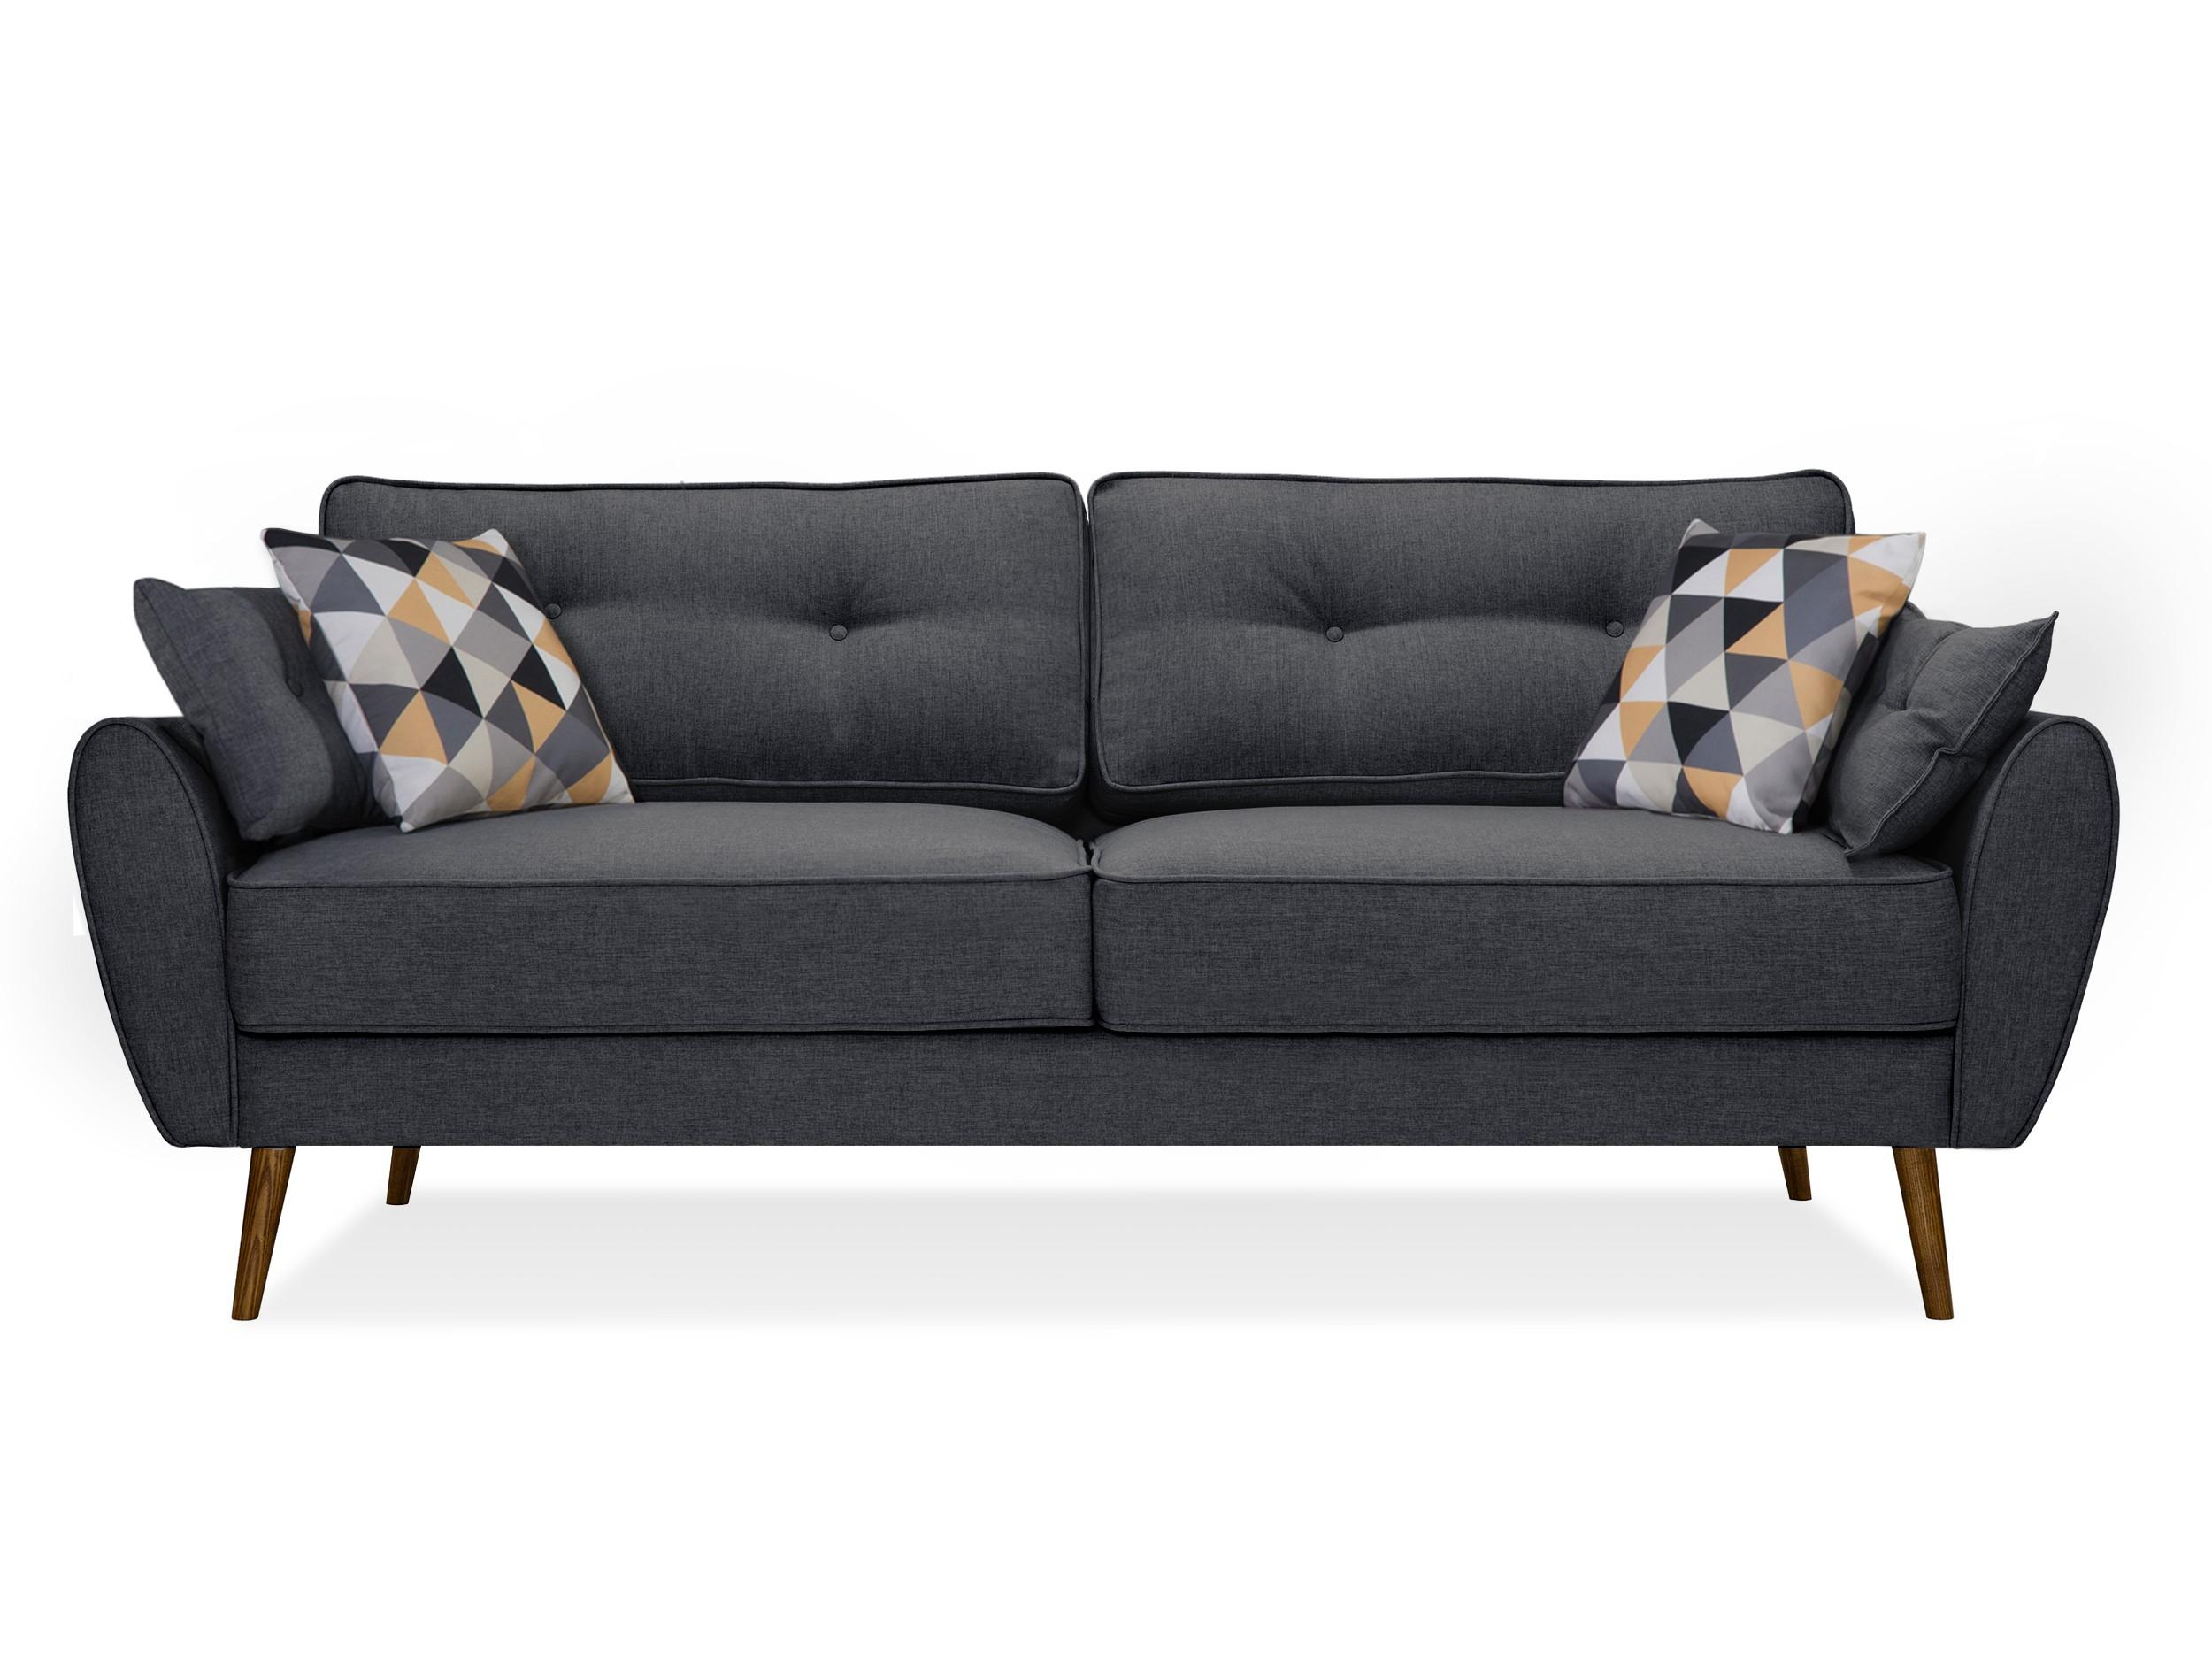 Диван VogueТрехместные диваны<br>&amp;lt;div&amp;gt;Современный диван с легким намеком на &amp;quot;ретро&amp;quot; идеально подойдет для городских квартир.&amp;amp;nbsp;&amp;lt;/div&amp;gt;&amp;lt;div&amp;gt;&amp;lt;br&amp;gt;&amp;lt;/div&amp;gt;&amp;lt;div&amp;gt;У него скругленные подлокотники, упругие подушки и как раз та длина, чтобы вы могли вытянуться в полный рост. &amp;amp;nbsp;Но благодаря высоким ножкам &amp;quot;Vogue&amp;quot; выглядит лаконично и элегантно.&amp;amp;nbsp;&amp;lt;/div&amp;gt;&amp;lt;div&amp;gt;&amp;lt;br&amp;gt;&amp;lt;/div&amp;gt;&amp;lt;div&amp;gt;Специально для этой серии наши стилисты подобрали 10 модных оттенков практичной рогожки.&amp;amp;nbsp;&amp;lt;/div&amp;gt;&amp;lt;div&amp;gt;&amp;lt;br&amp;gt;&amp;lt;/div&amp;gt;Корпус: фанера, брус. Ножки: дерево.&amp;lt;div&amp;gt;Ткань: рогожка, устойчивая к повреждениям&amp;lt;br&amp;gt;&amp;lt;div&amp;gt;Цвет: lama_26_1&amp;lt;/div&amp;gt;&amp;lt;/div&amp;gt;<br><br>Material: Текстиль<br>Length см: None<br>Width см: 226<br>Depth см: 91<br>Height см: 88